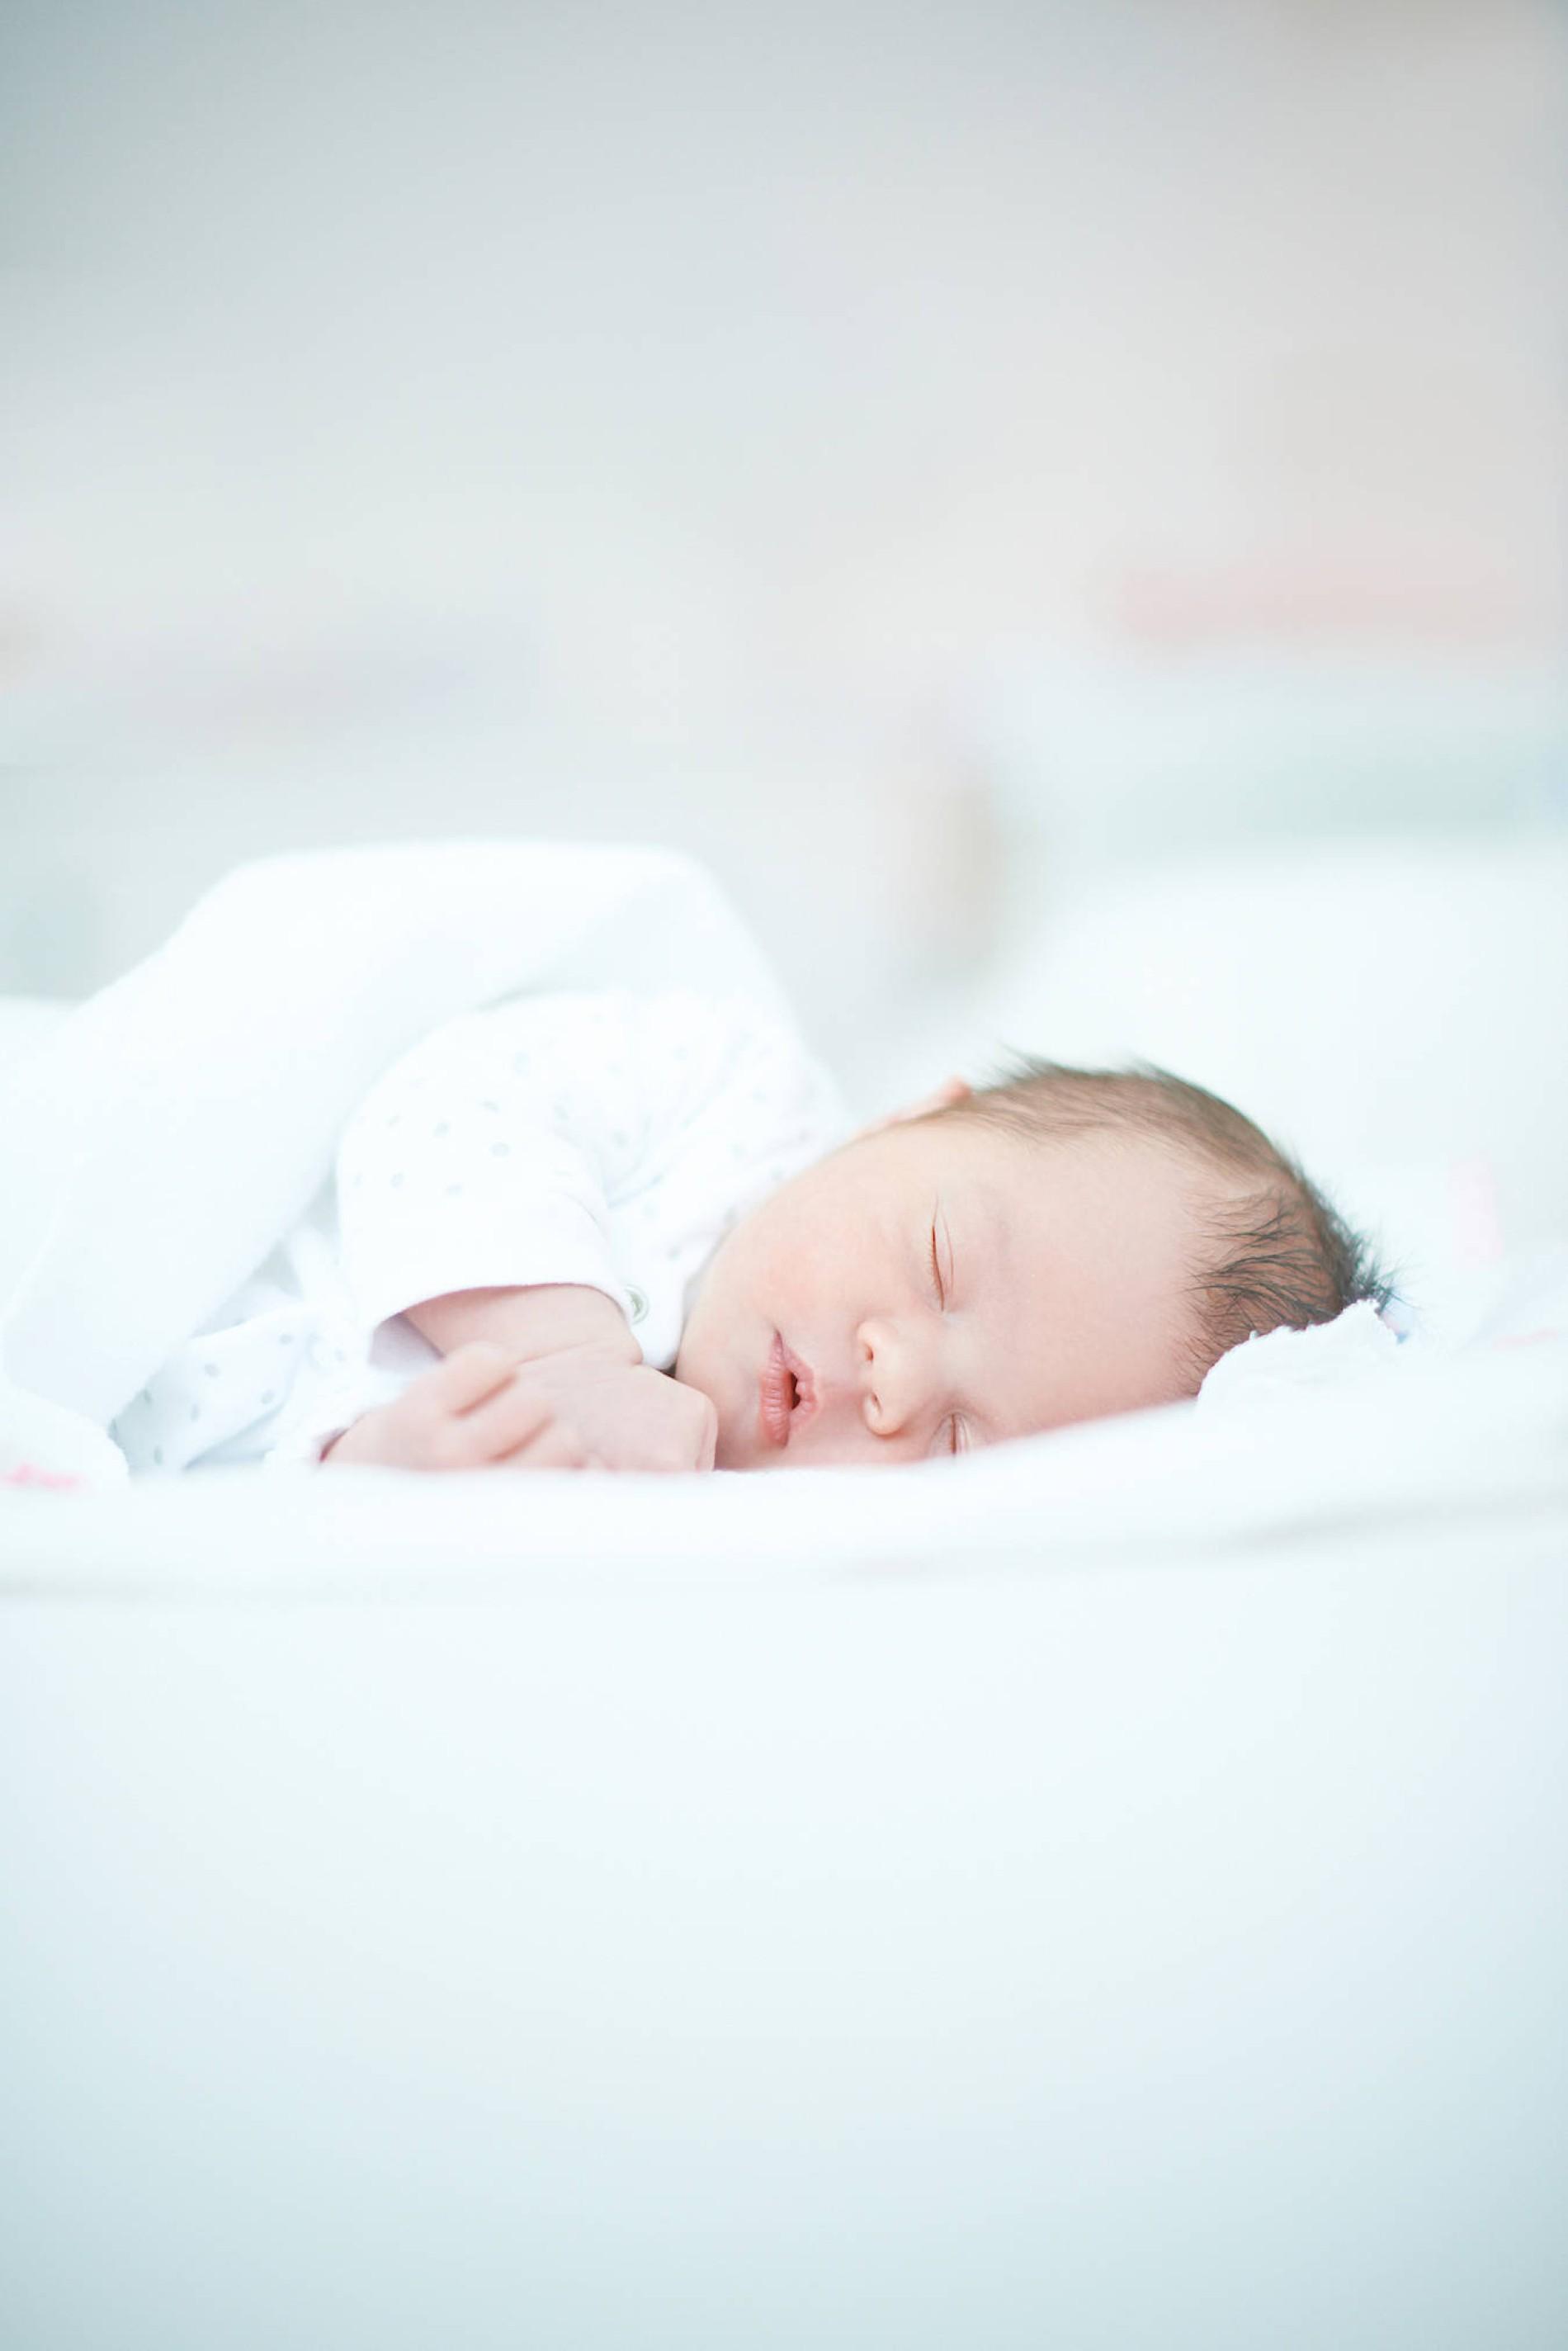 Elternfragen Zum Thema Kinderschlaf Beantwortet